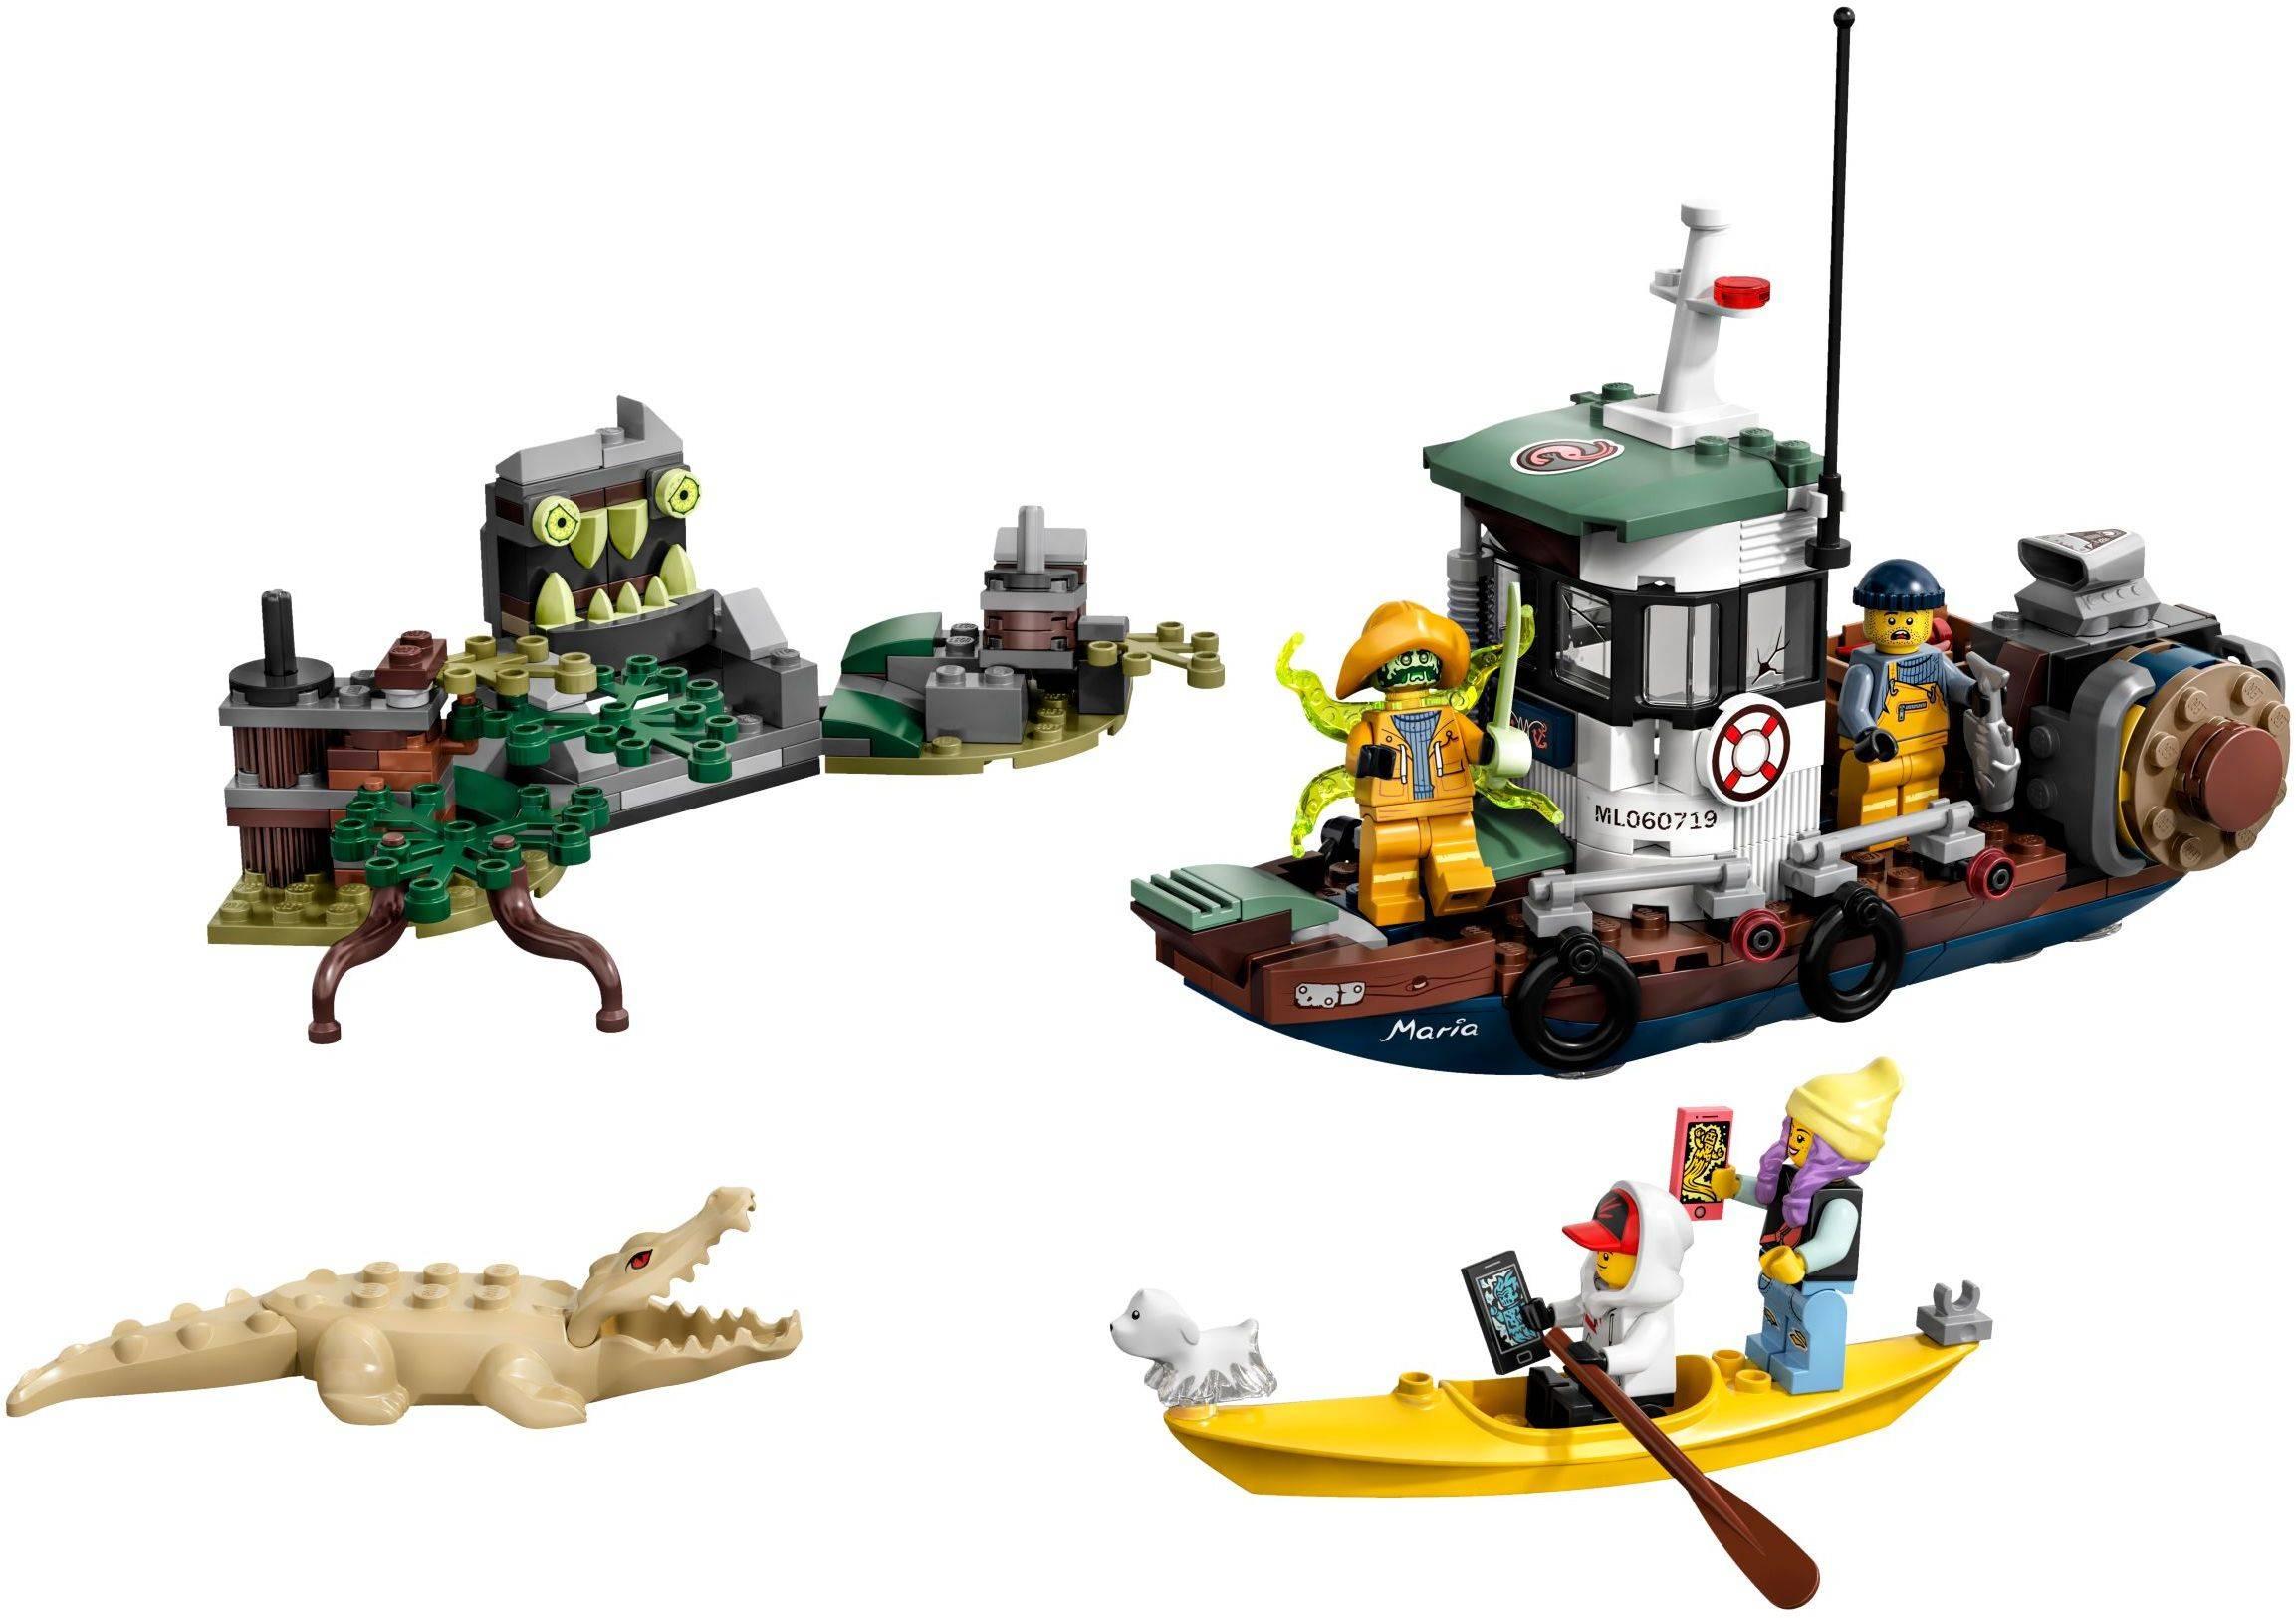 LEGO 70419-1 Wrecked Shrimp Boat